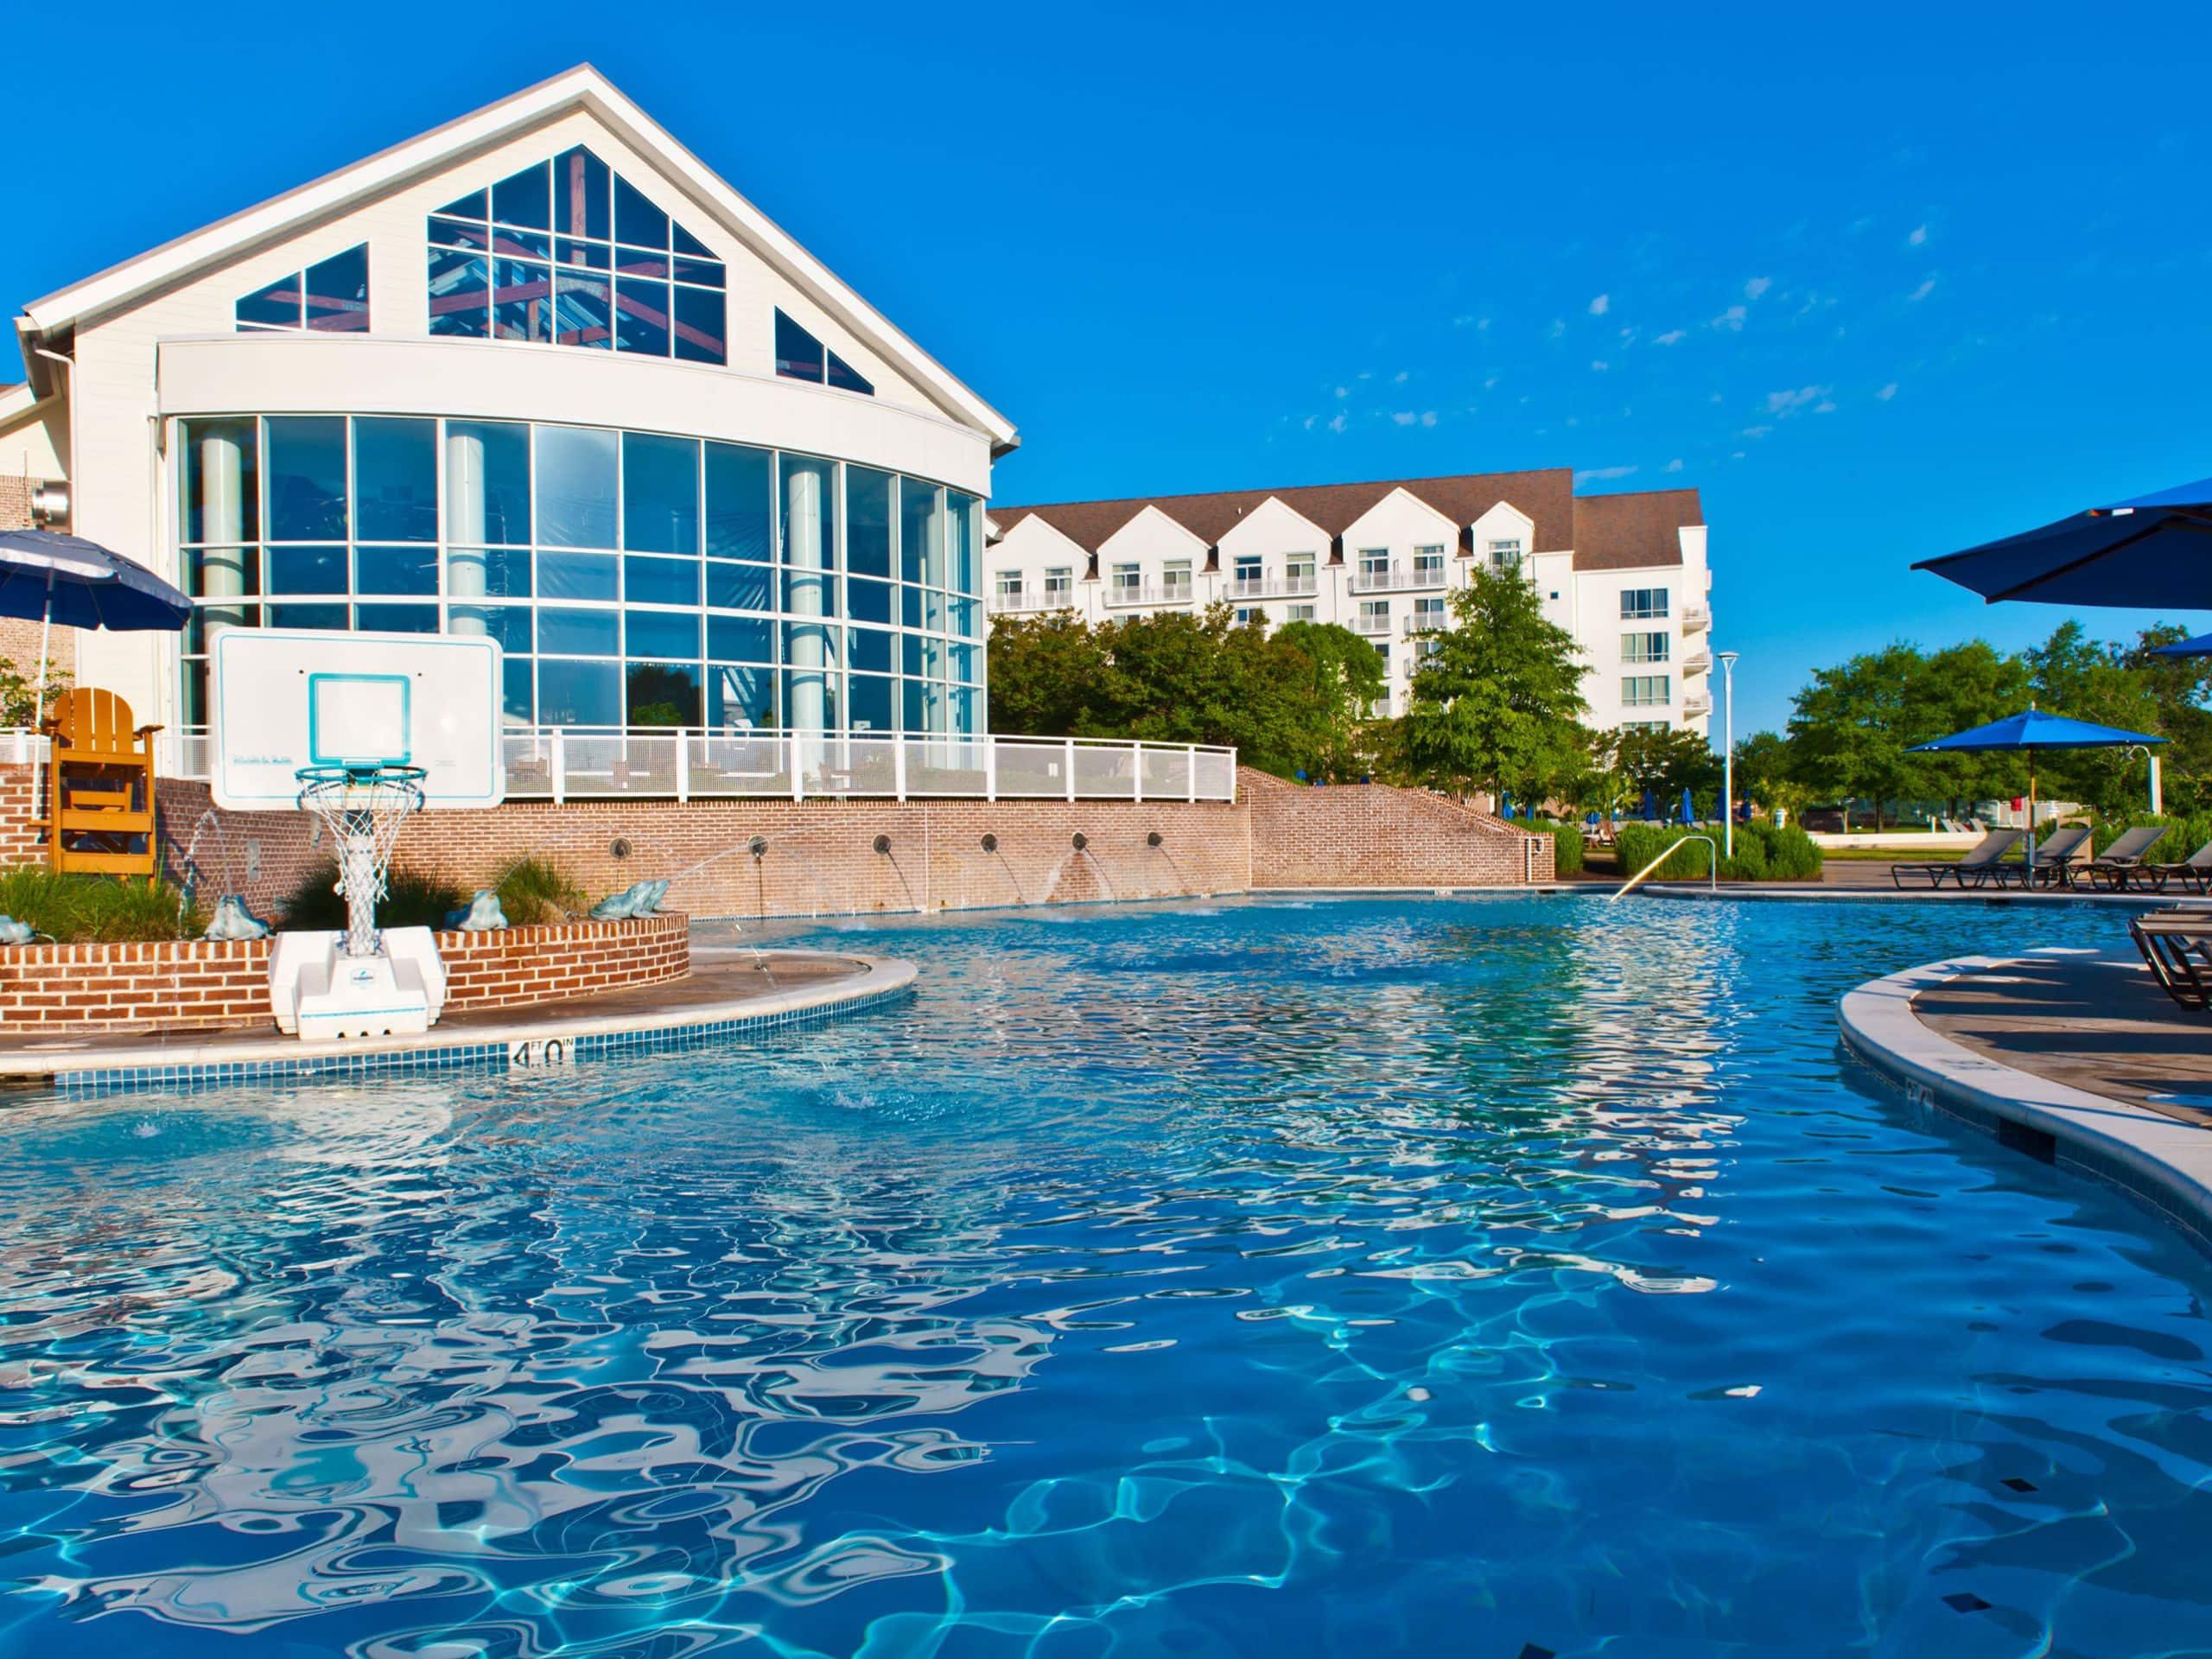 hyatt regency chesapeake bay golf resort spa and marina guest photos rh hyatt com hyatt regency chesapeake bay wedding hyatt regency chesapeake bay hotel